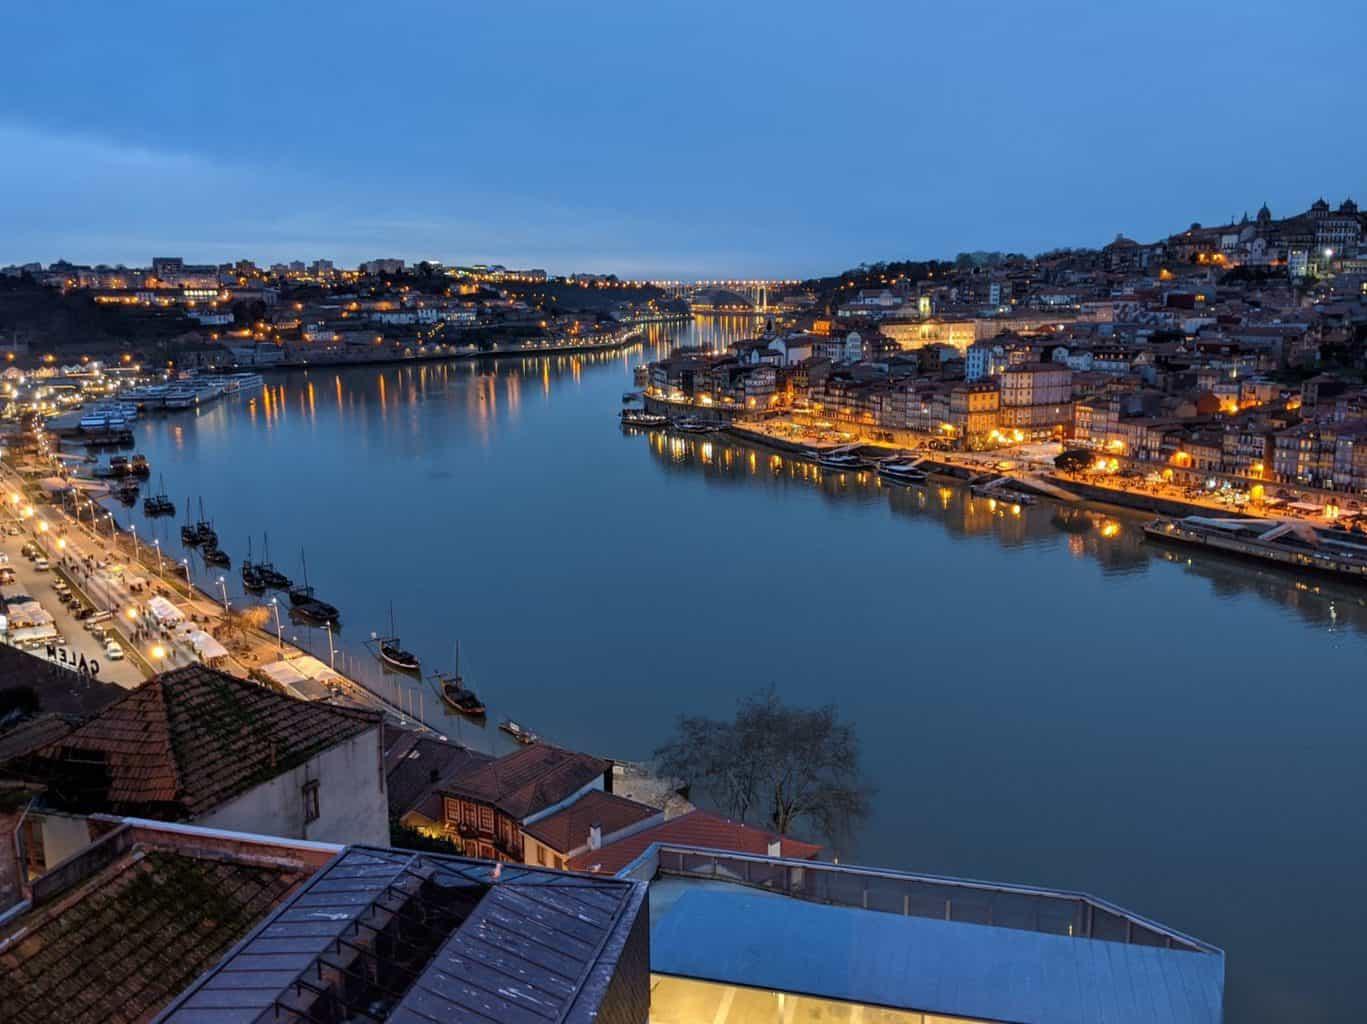 Dar un paseo de noche por Oporto es una delicia